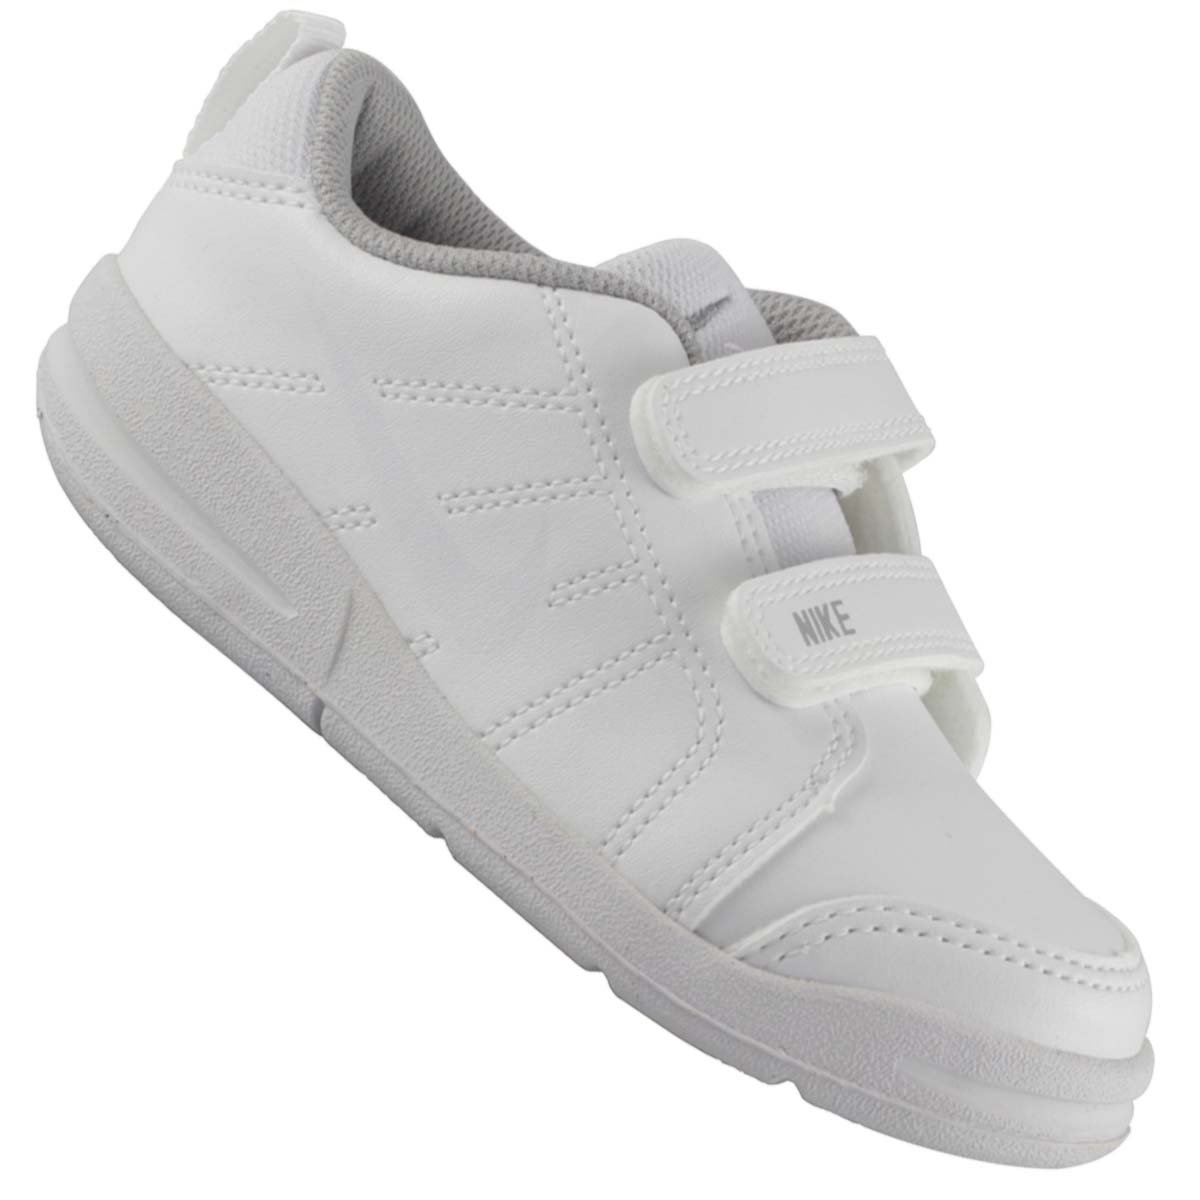 d50d73a3af Tênis Nike Pico LT Infantil